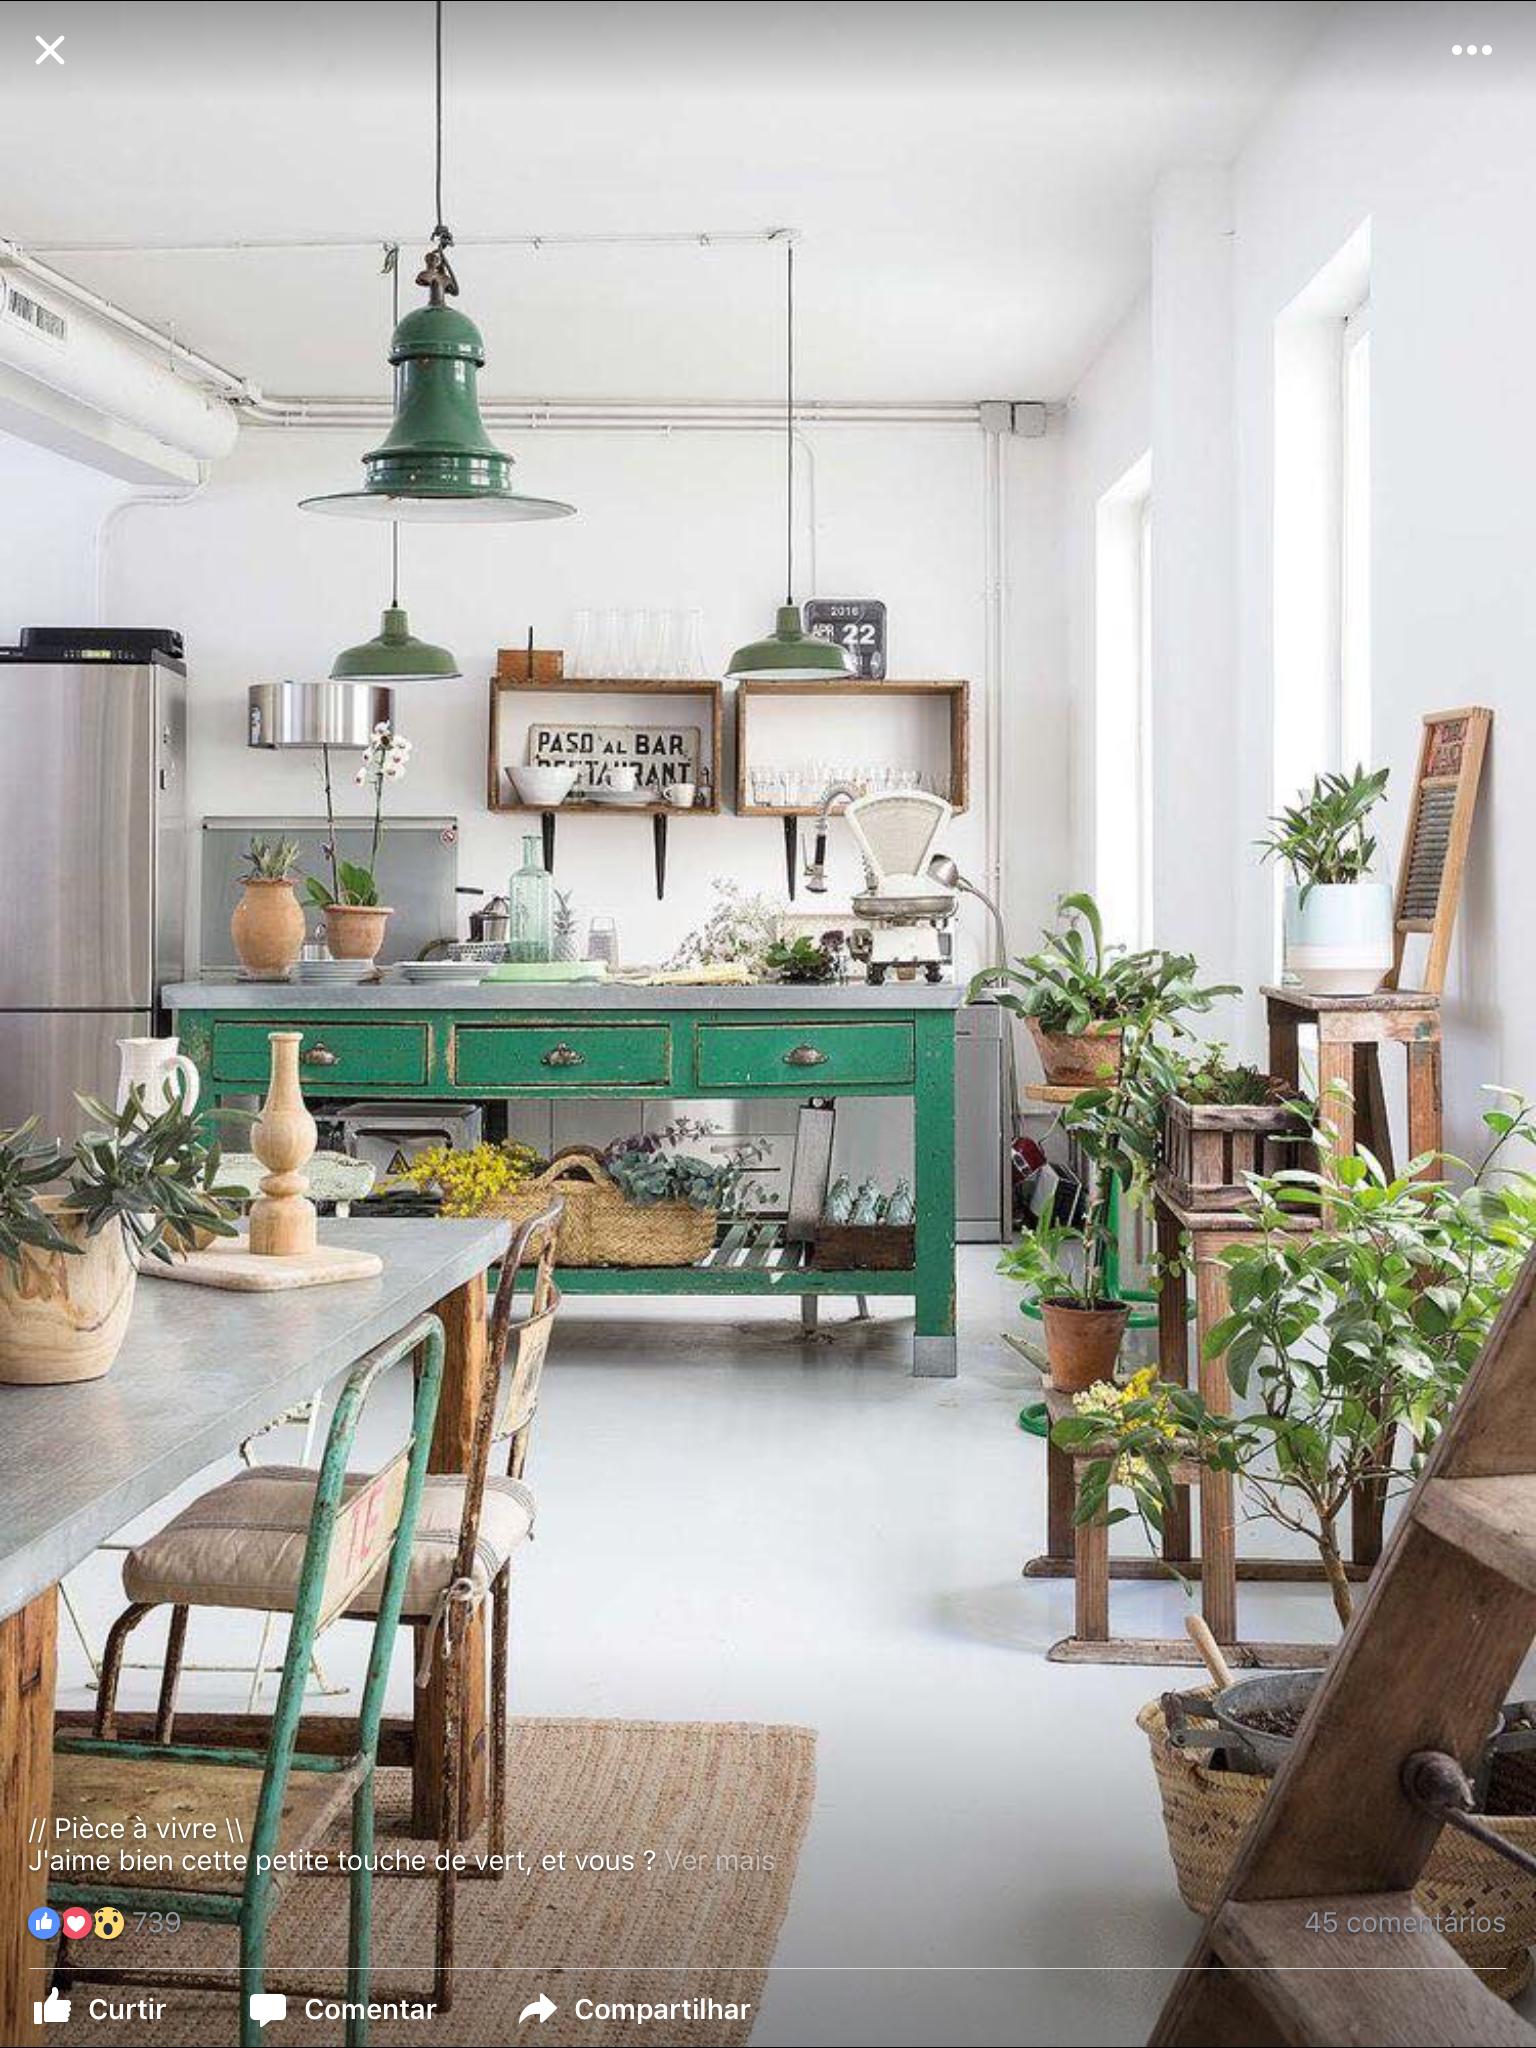 Pin von Ola Ola auf Kuchnia | Pinterest | Kücheninsel, Tisch und ...